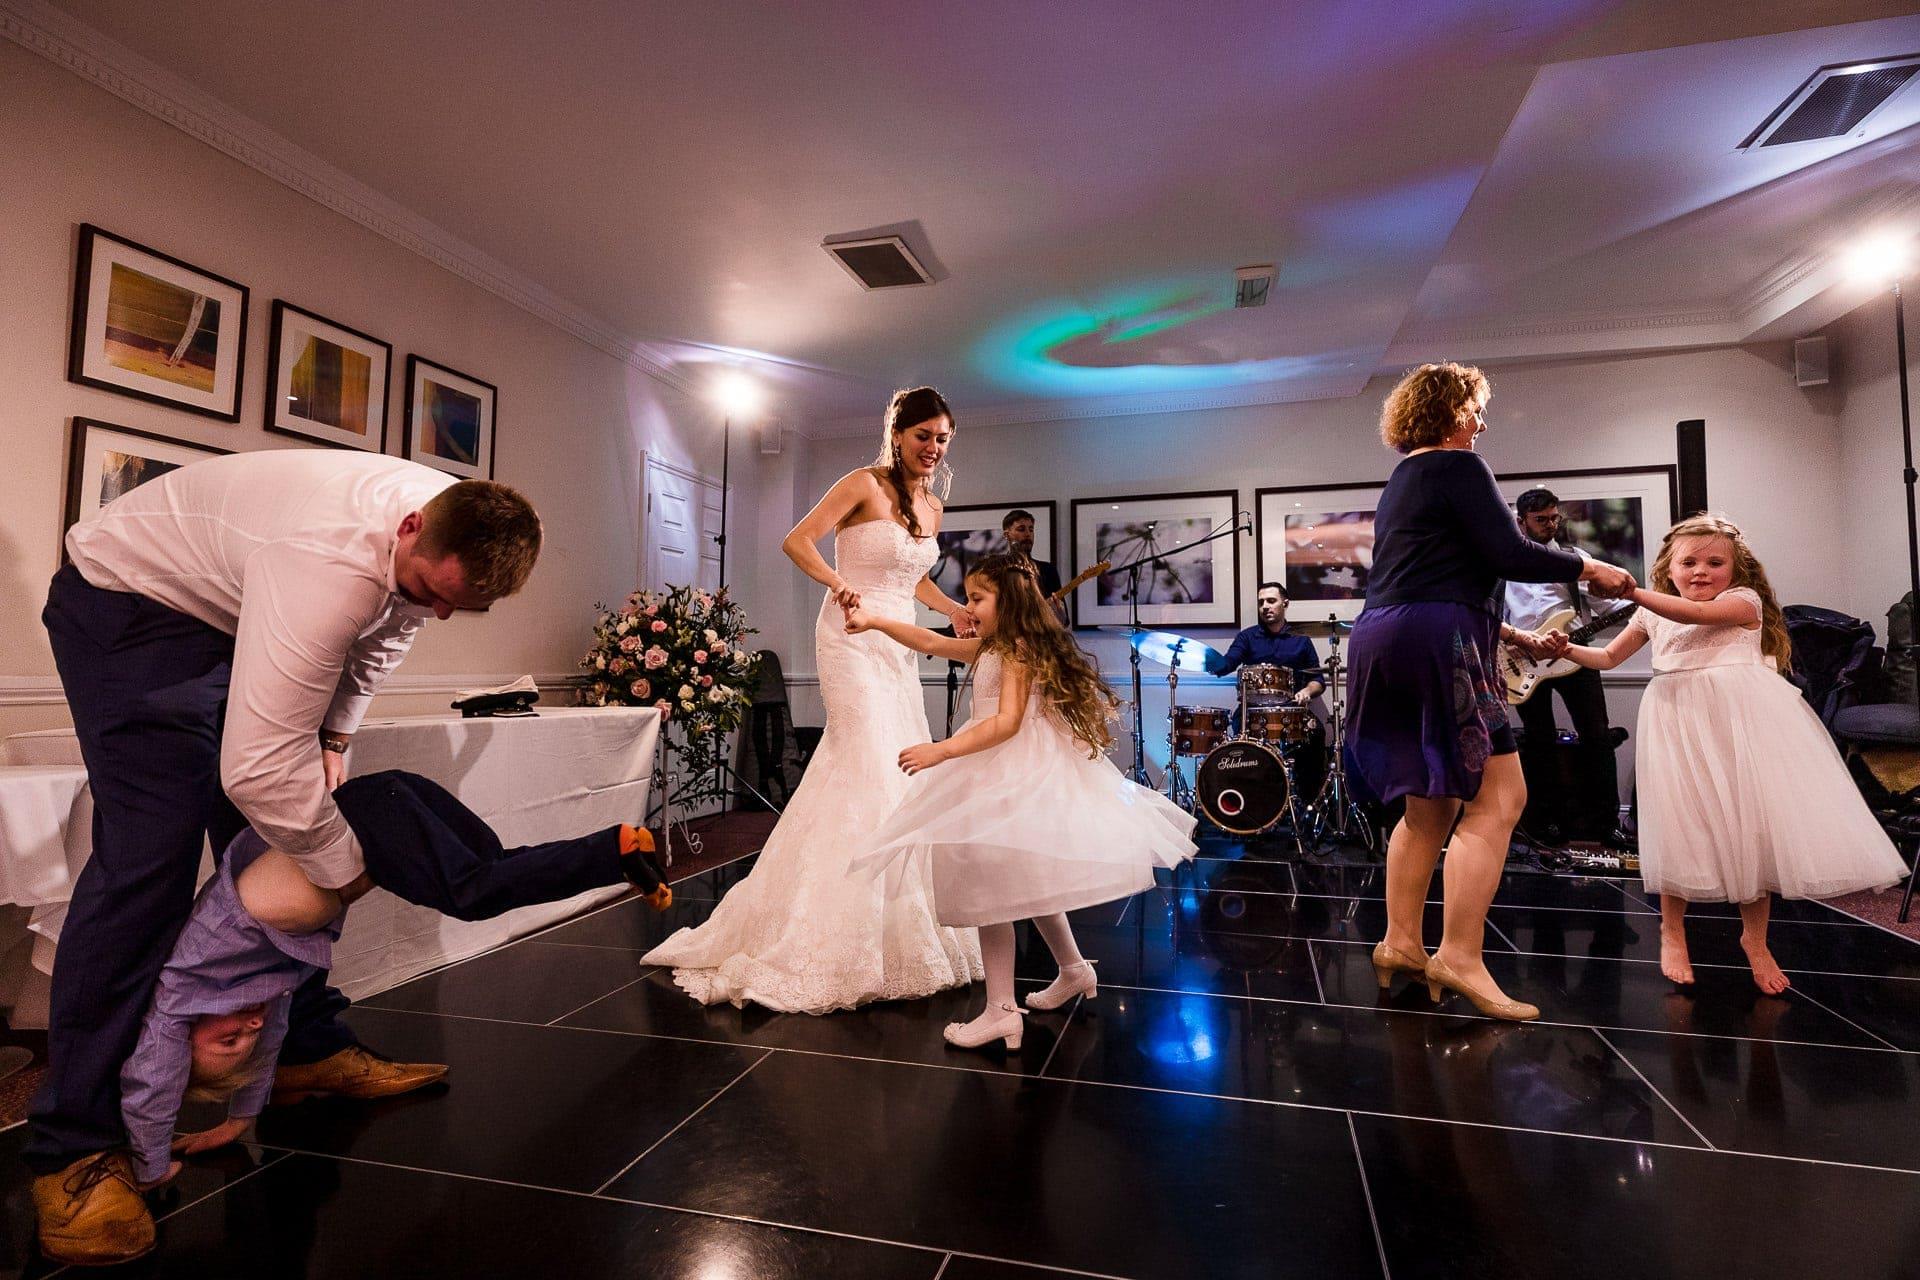 wedding dance floor with kids